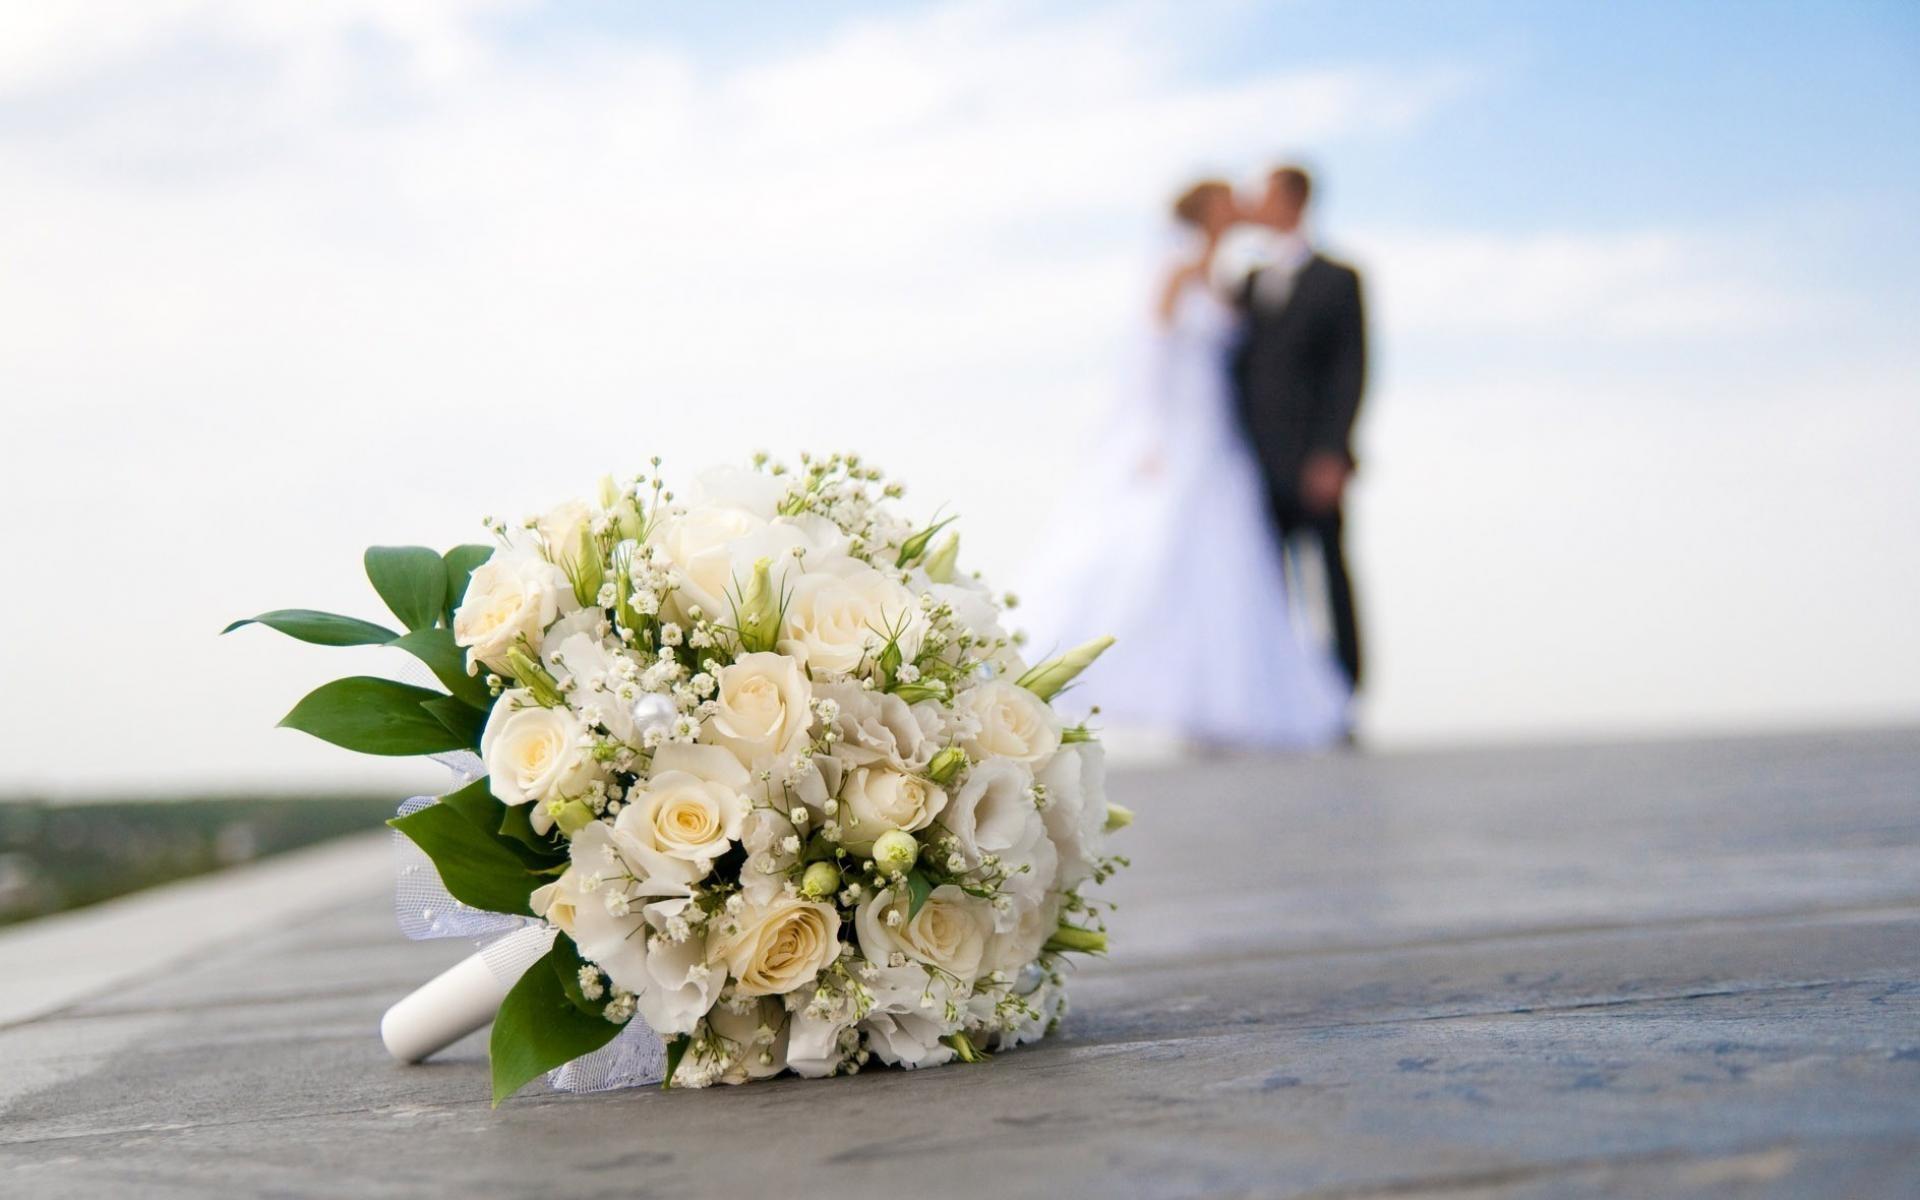 Государственная дума планирует облегчить подачу заявления озаключении брака вЗАГС